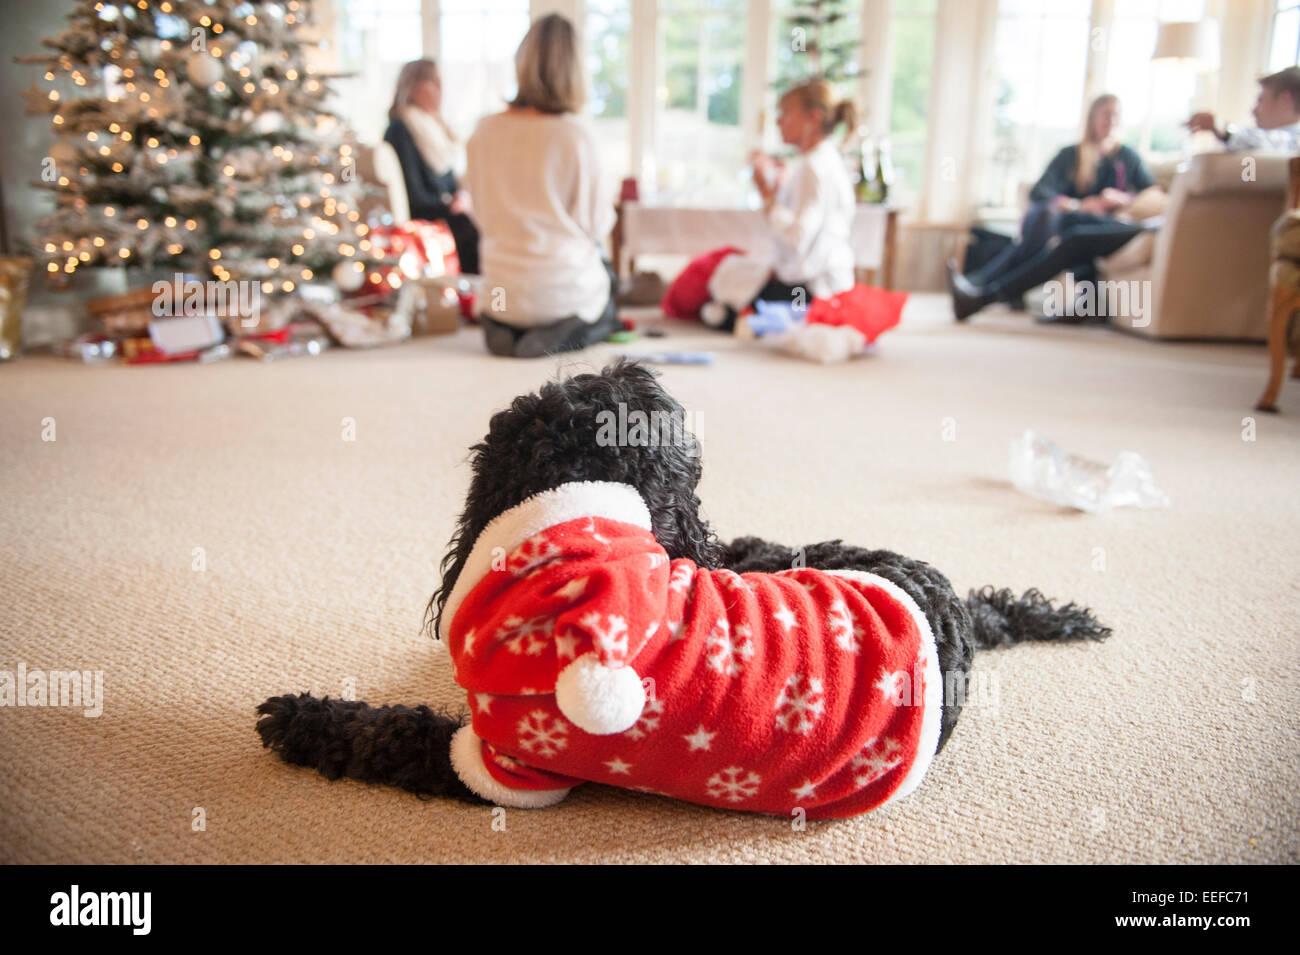 Un cane nero in un vestito di Natale osserva il regalo di Natale di apertura e di decorazioni mediante l'albero. Immagini Stock